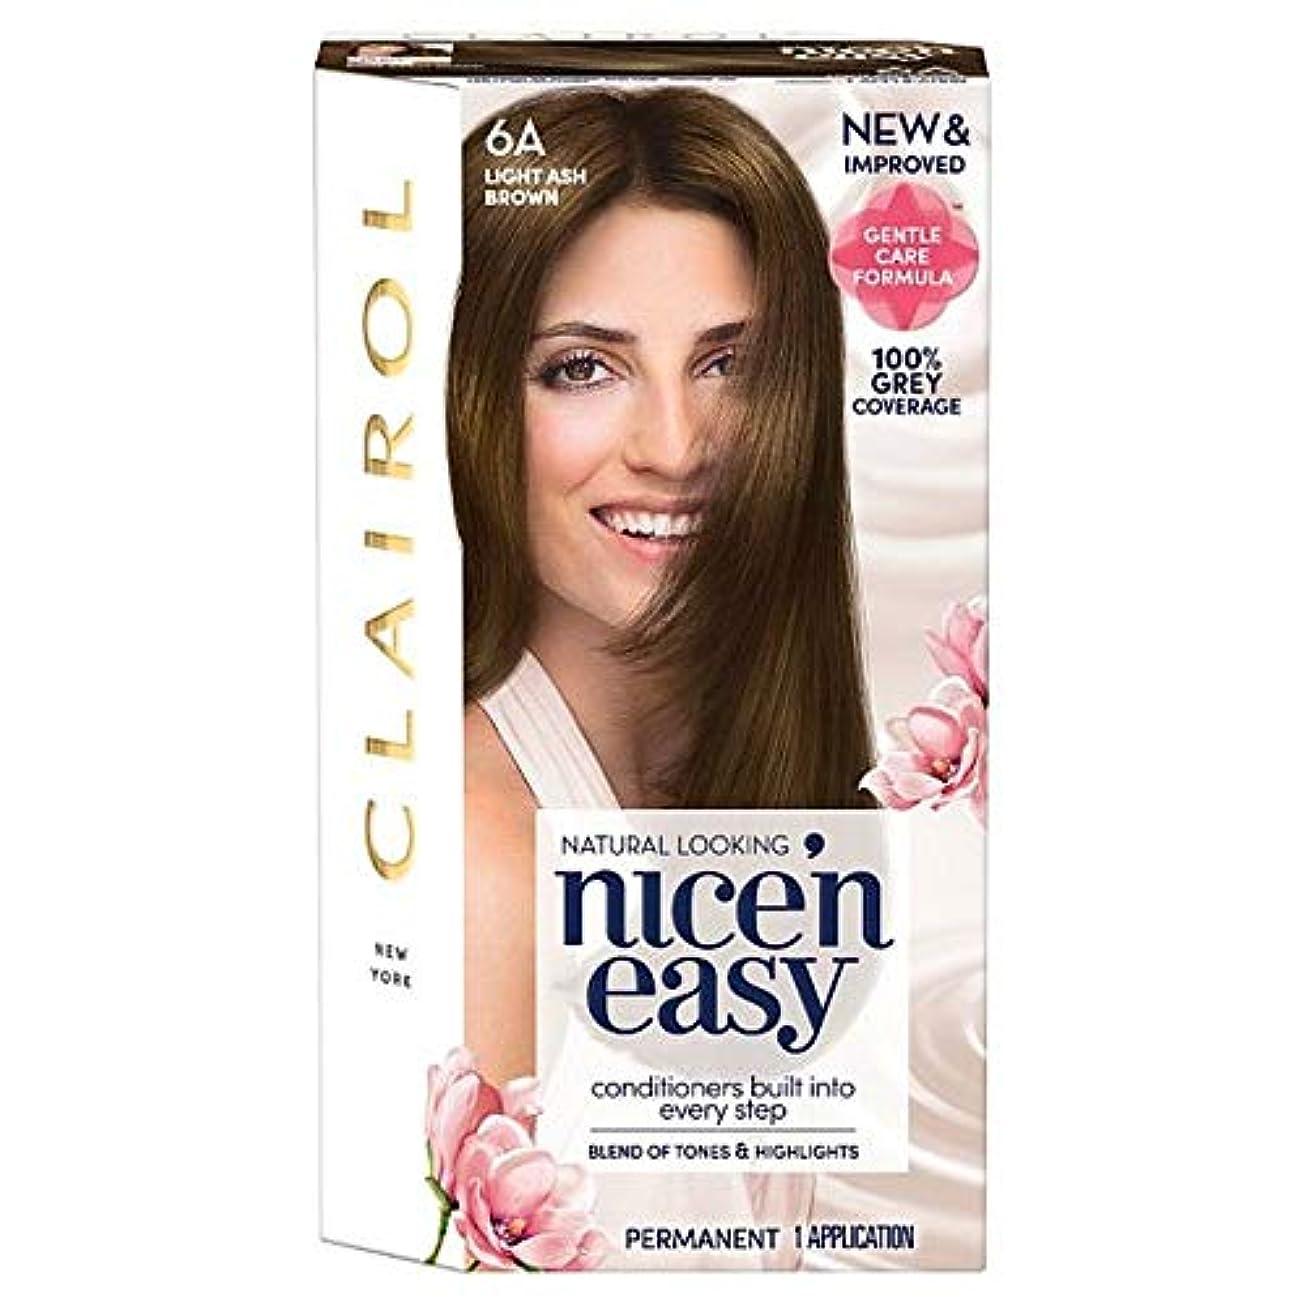 文明ネックレットセンチメンタル[Nice'n Easy] クレイロール素敵な「N簡単軽灰褐色6Aの染毛剤 - Clairol Nice 'N Easy Light Ash Brown 6A Hair Dye [並行輸入品]